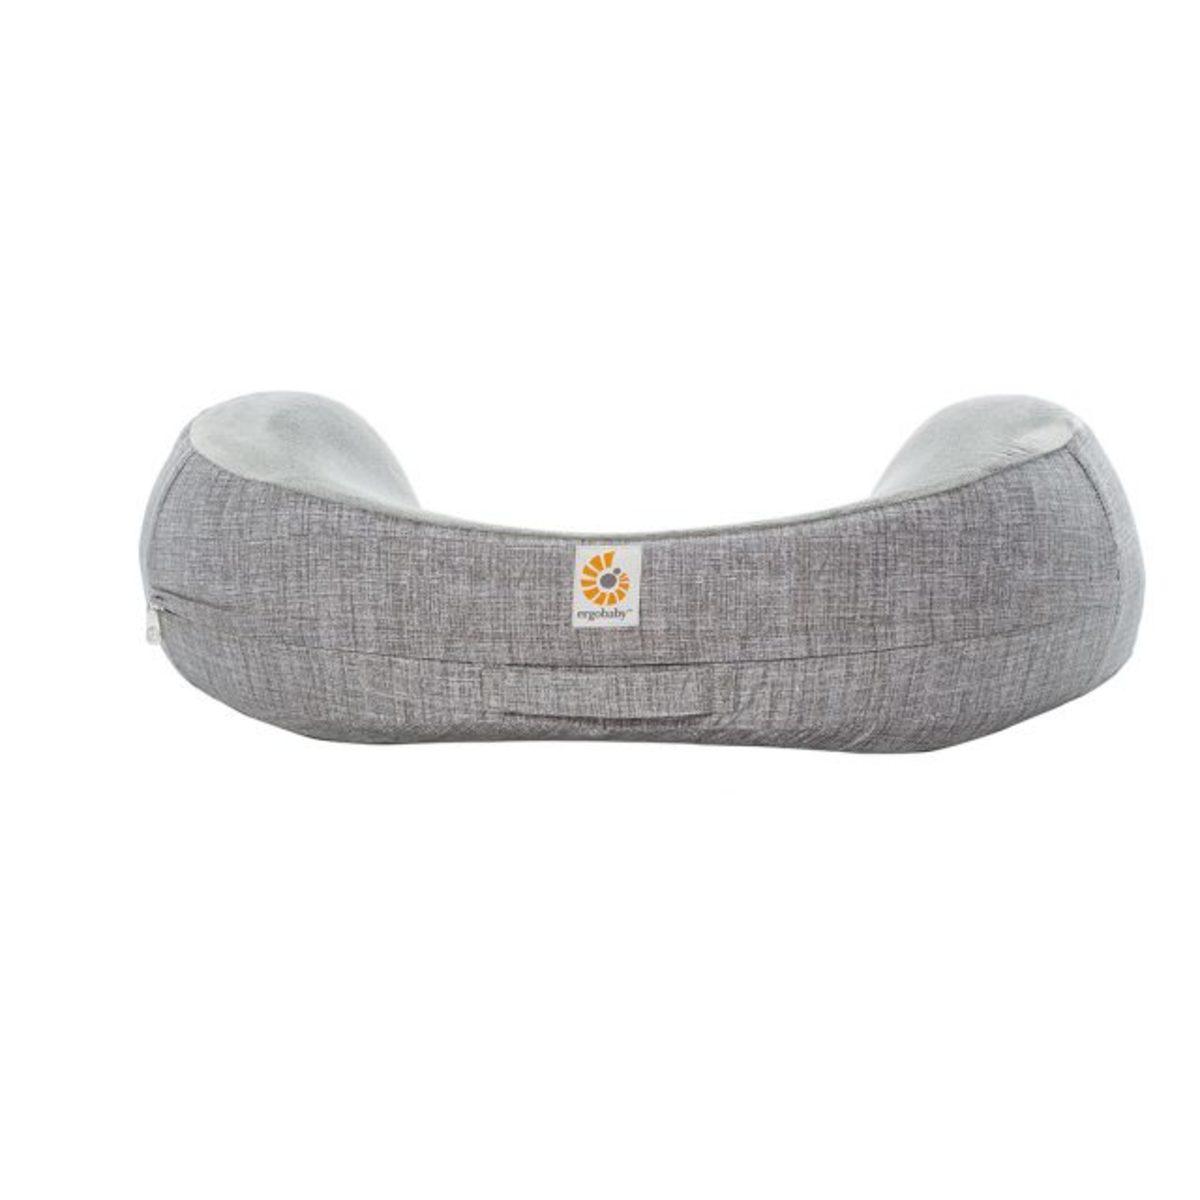 Cojin de Lactancia Natural Curve Ergobaby gris